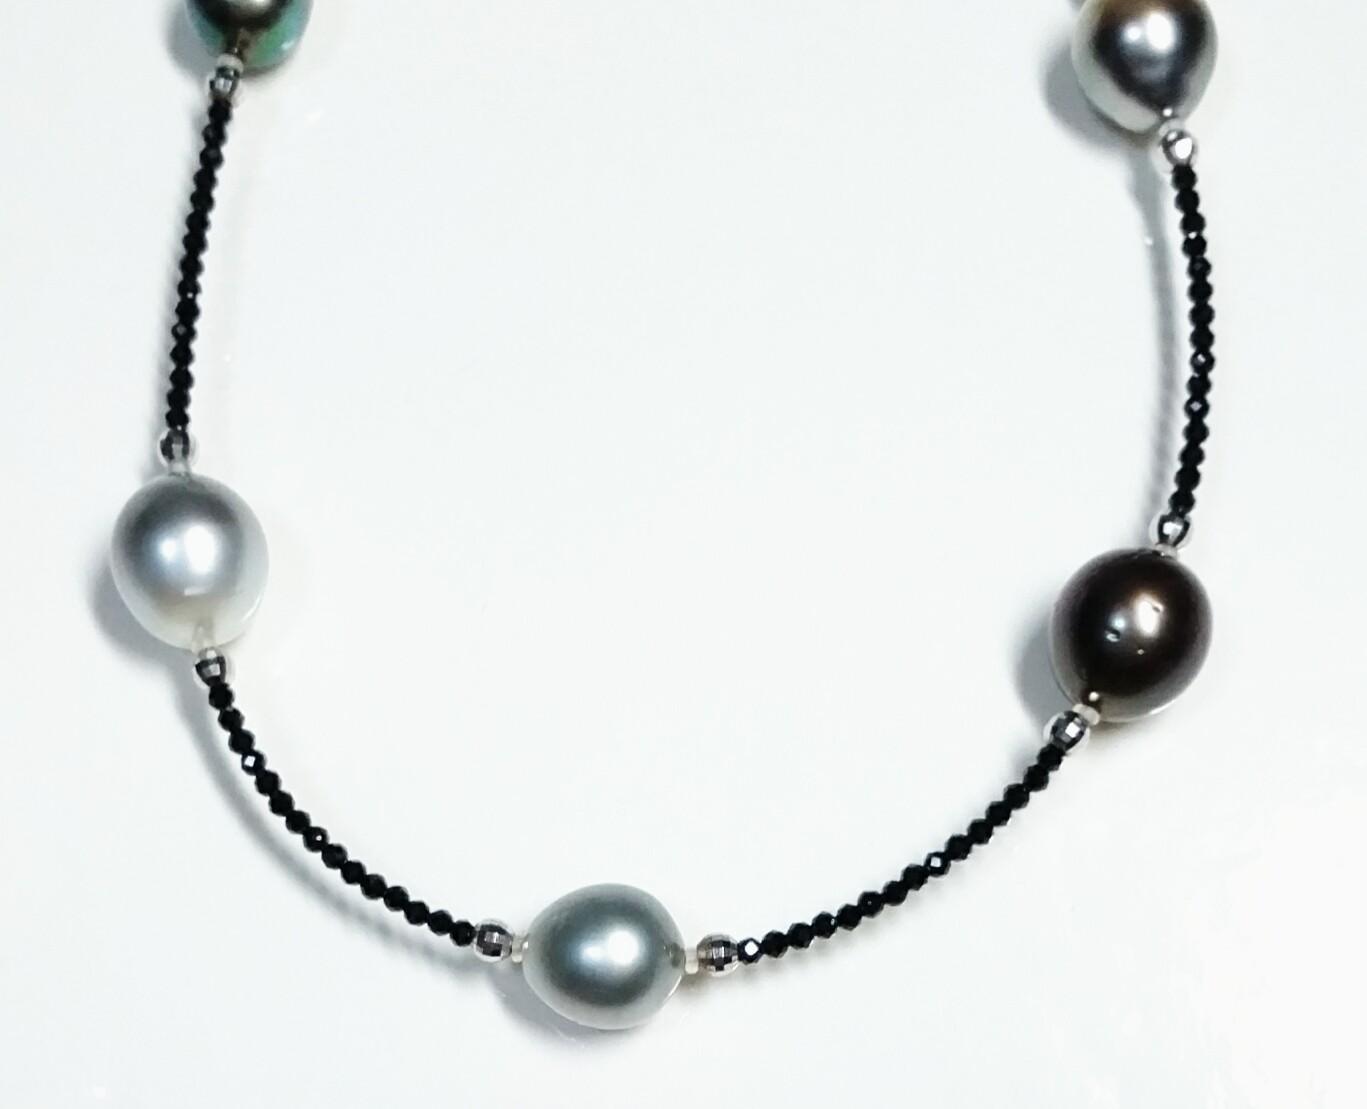 「送料完全無料!!」<br>南洋黒真珠ロングネックレス<br>細部まで美しい手作りアクセサリー<br>